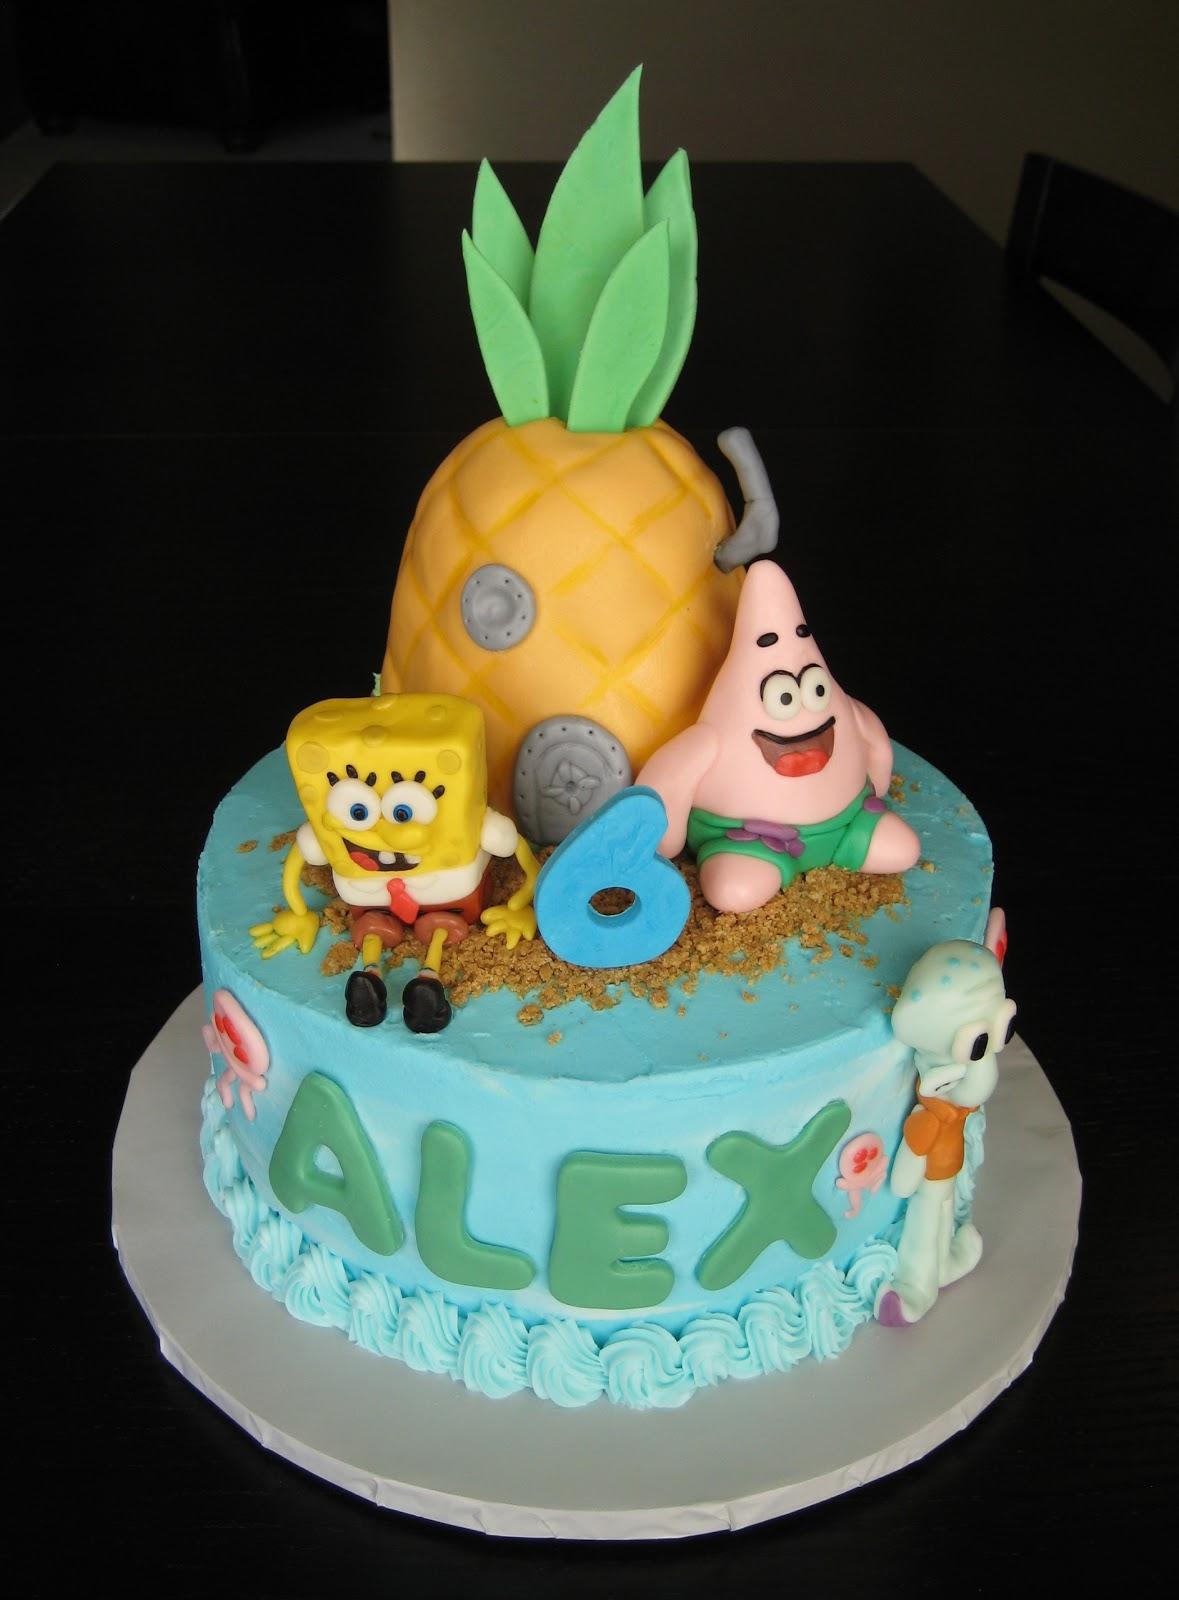 http://3.bp.blogspot.com/-VxdMCF7lv0k/T60tNMELIUI/AAAAAAAACyk/AamQX365Lrg/s1600/Spongebob%2B1.JPG